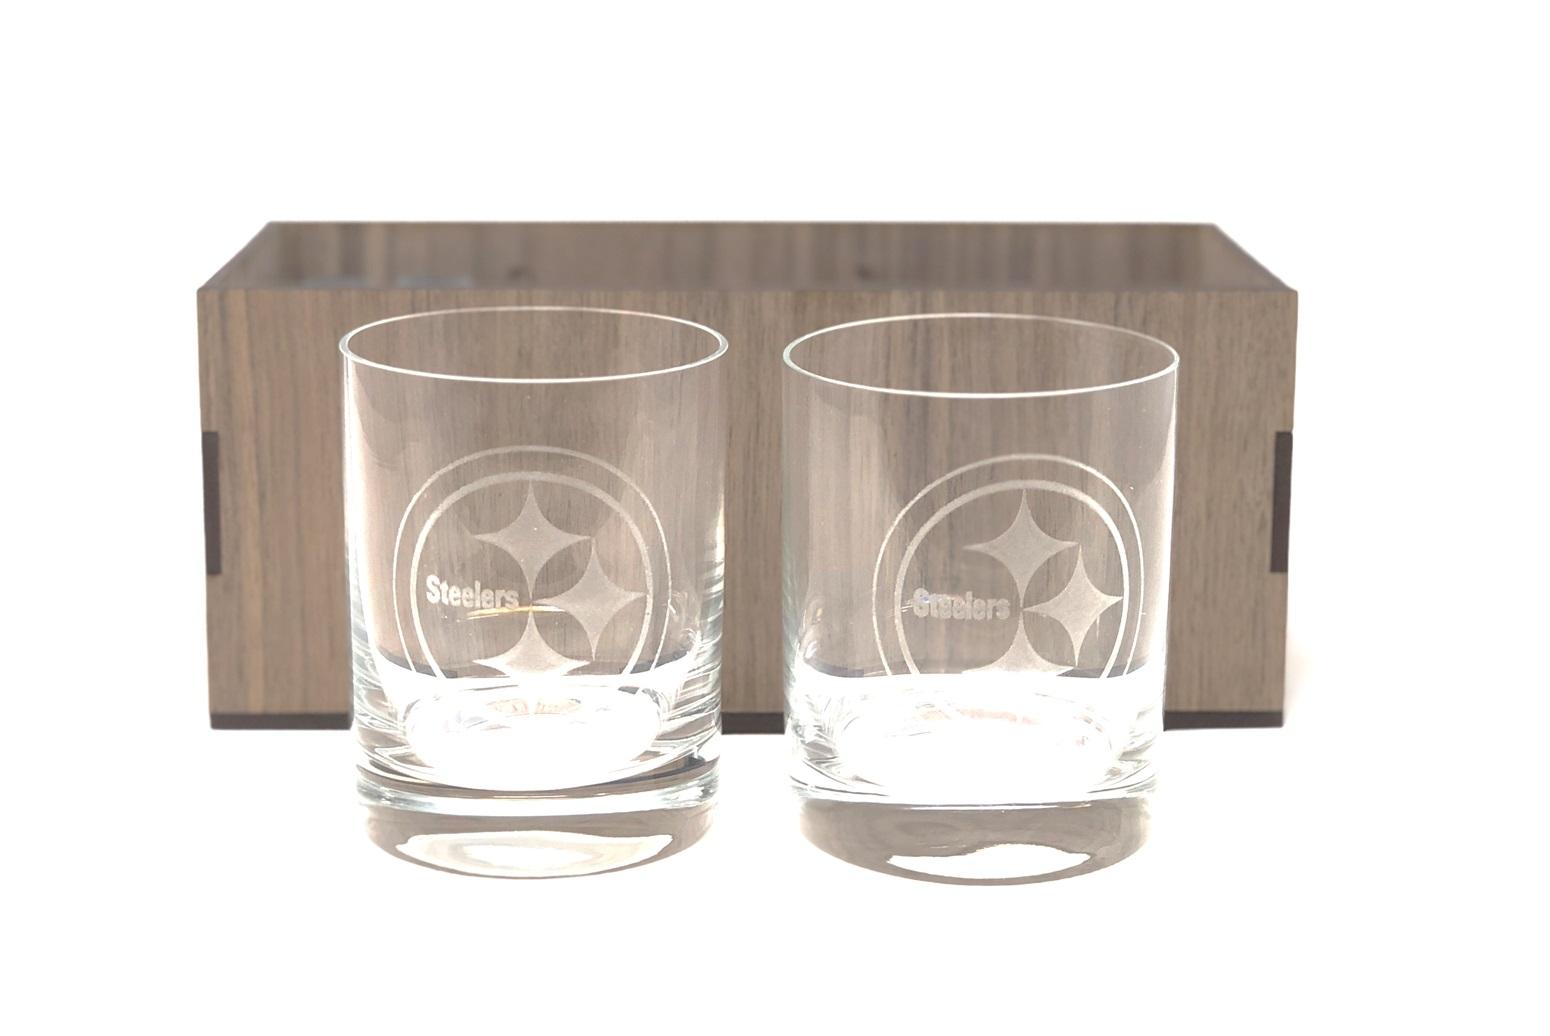 whiskey glasses.jpg